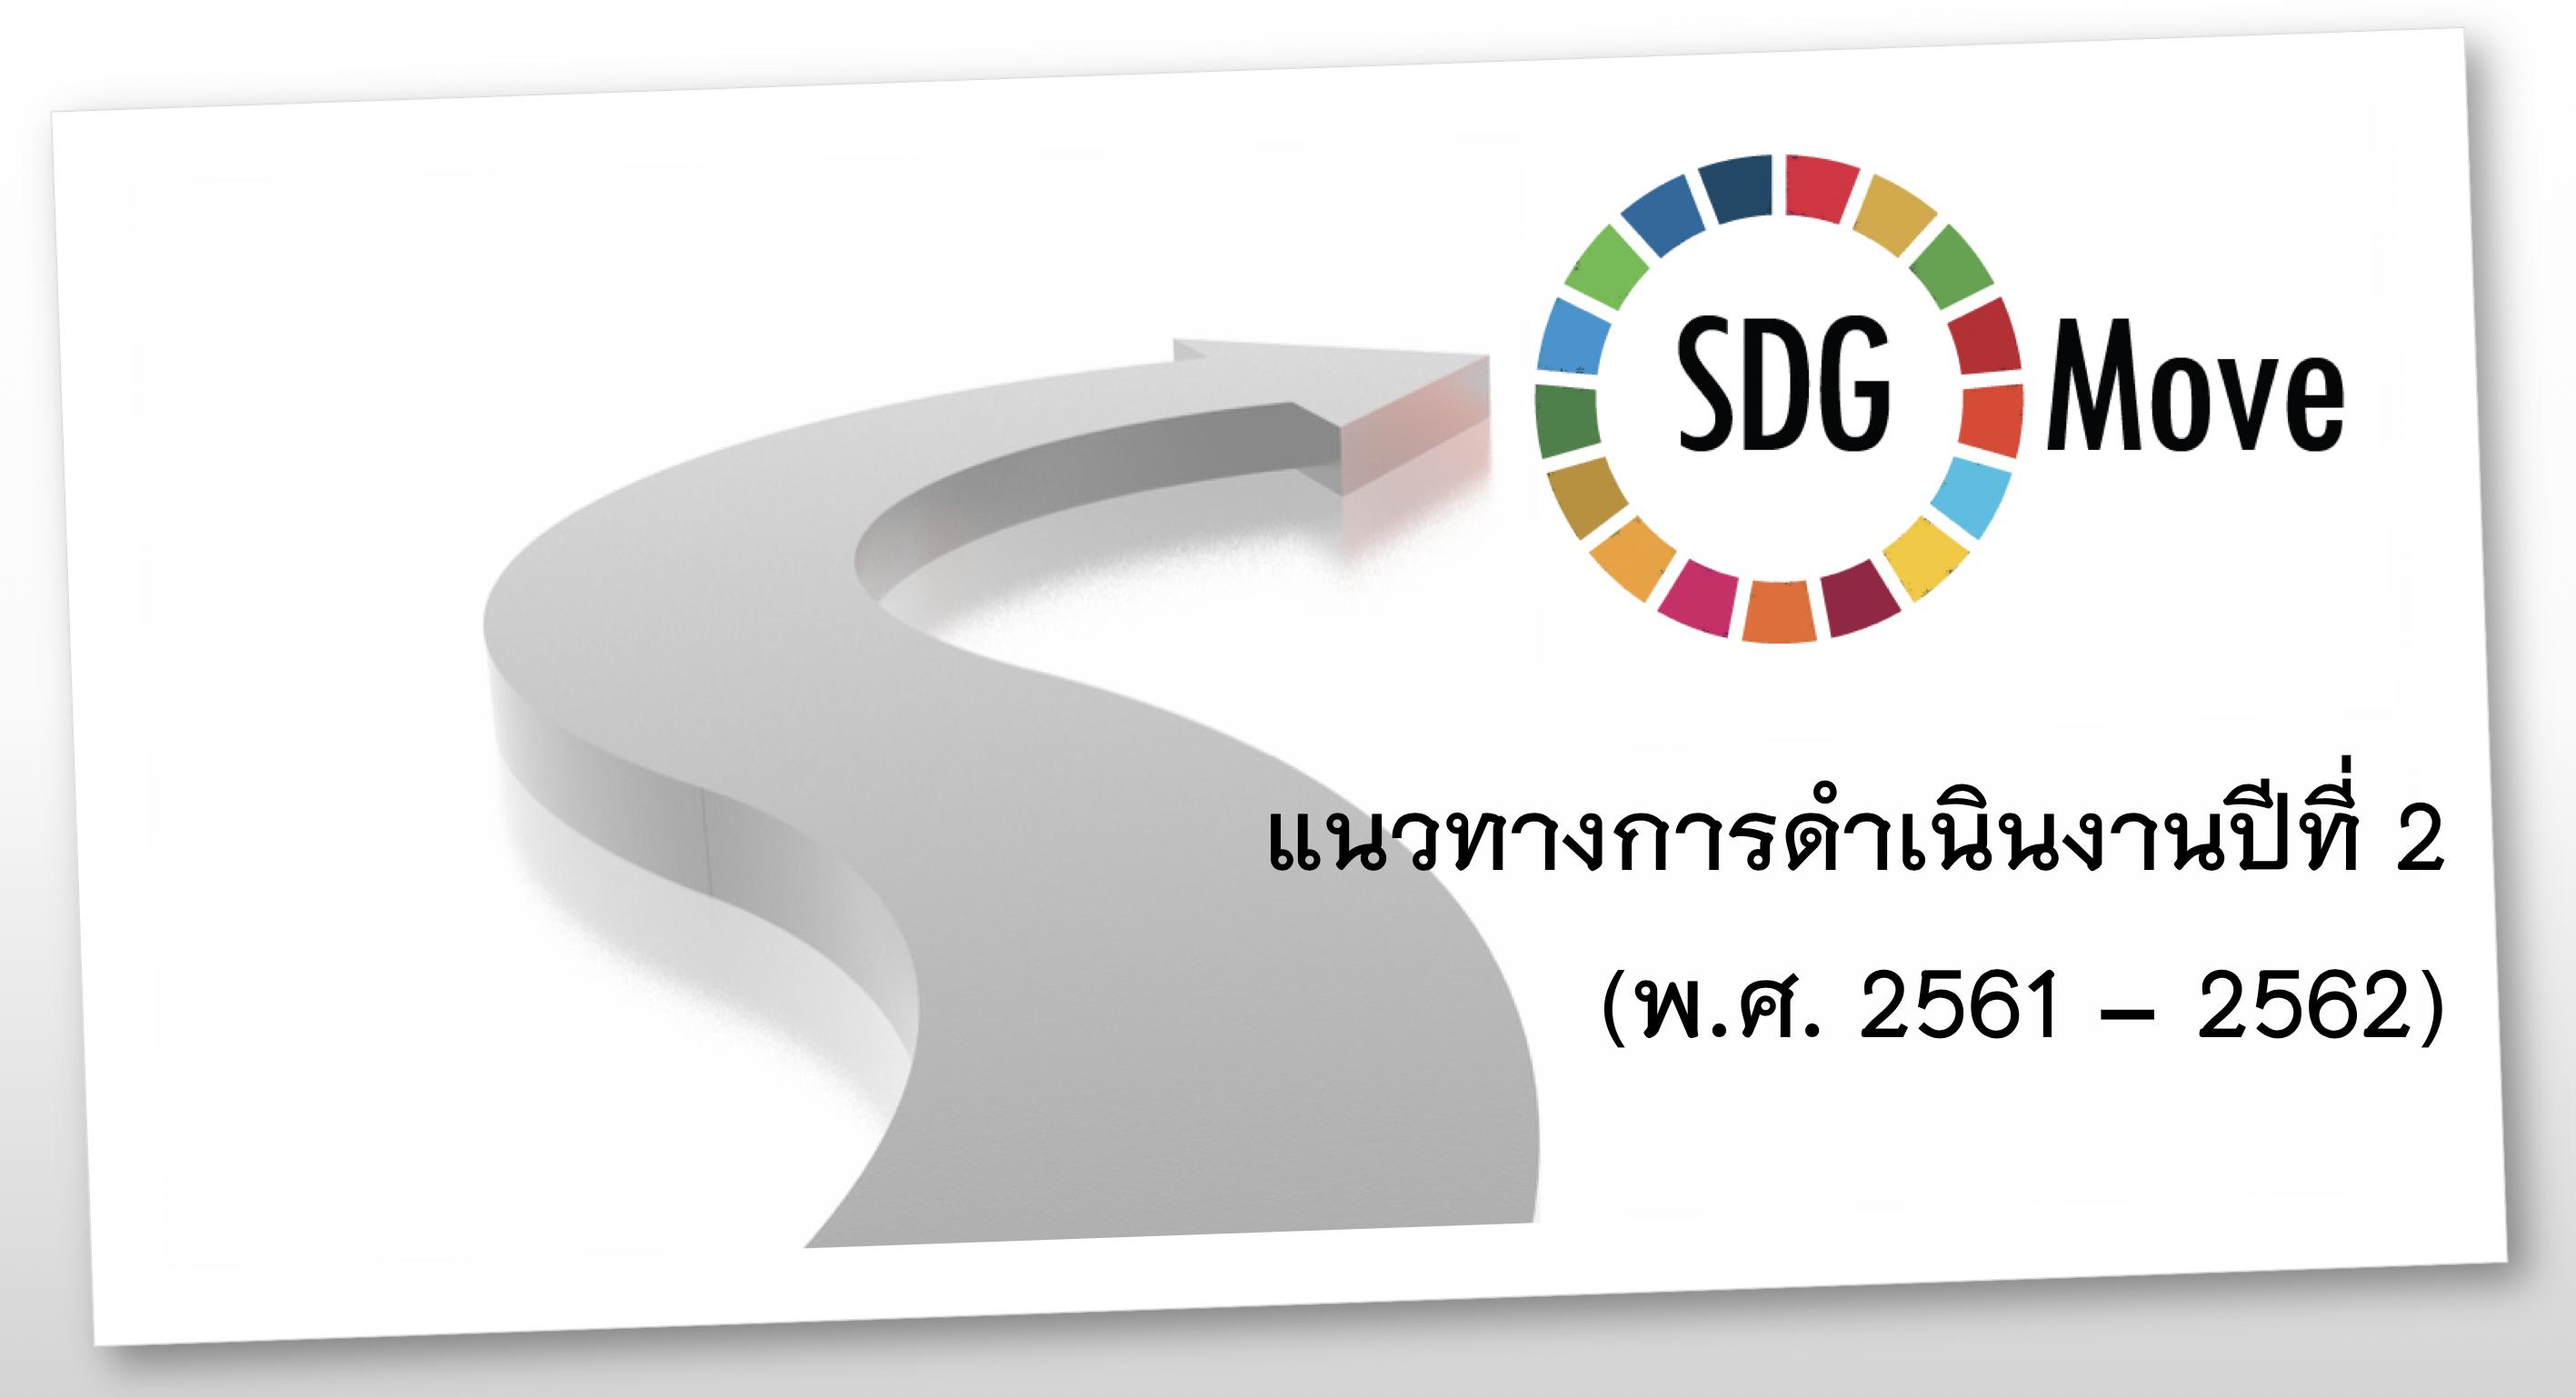 แนวทางการดำเนินงานปีที่ 2 ของ SDG Move